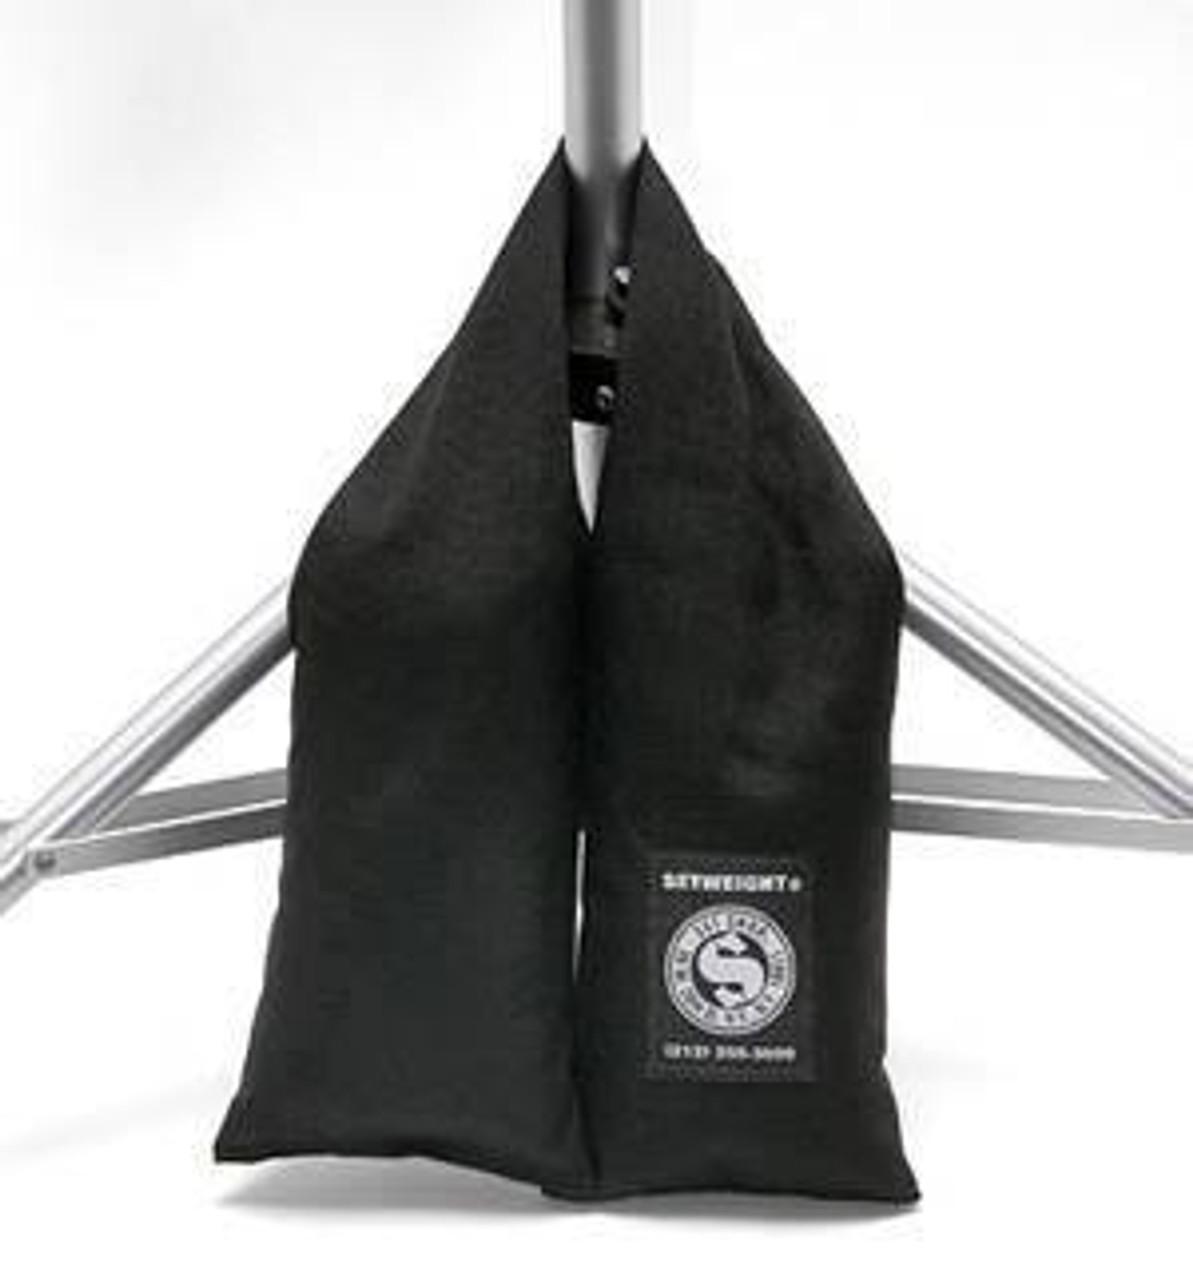 Setweight - Slingshot - 8lb Sandbag (Black)